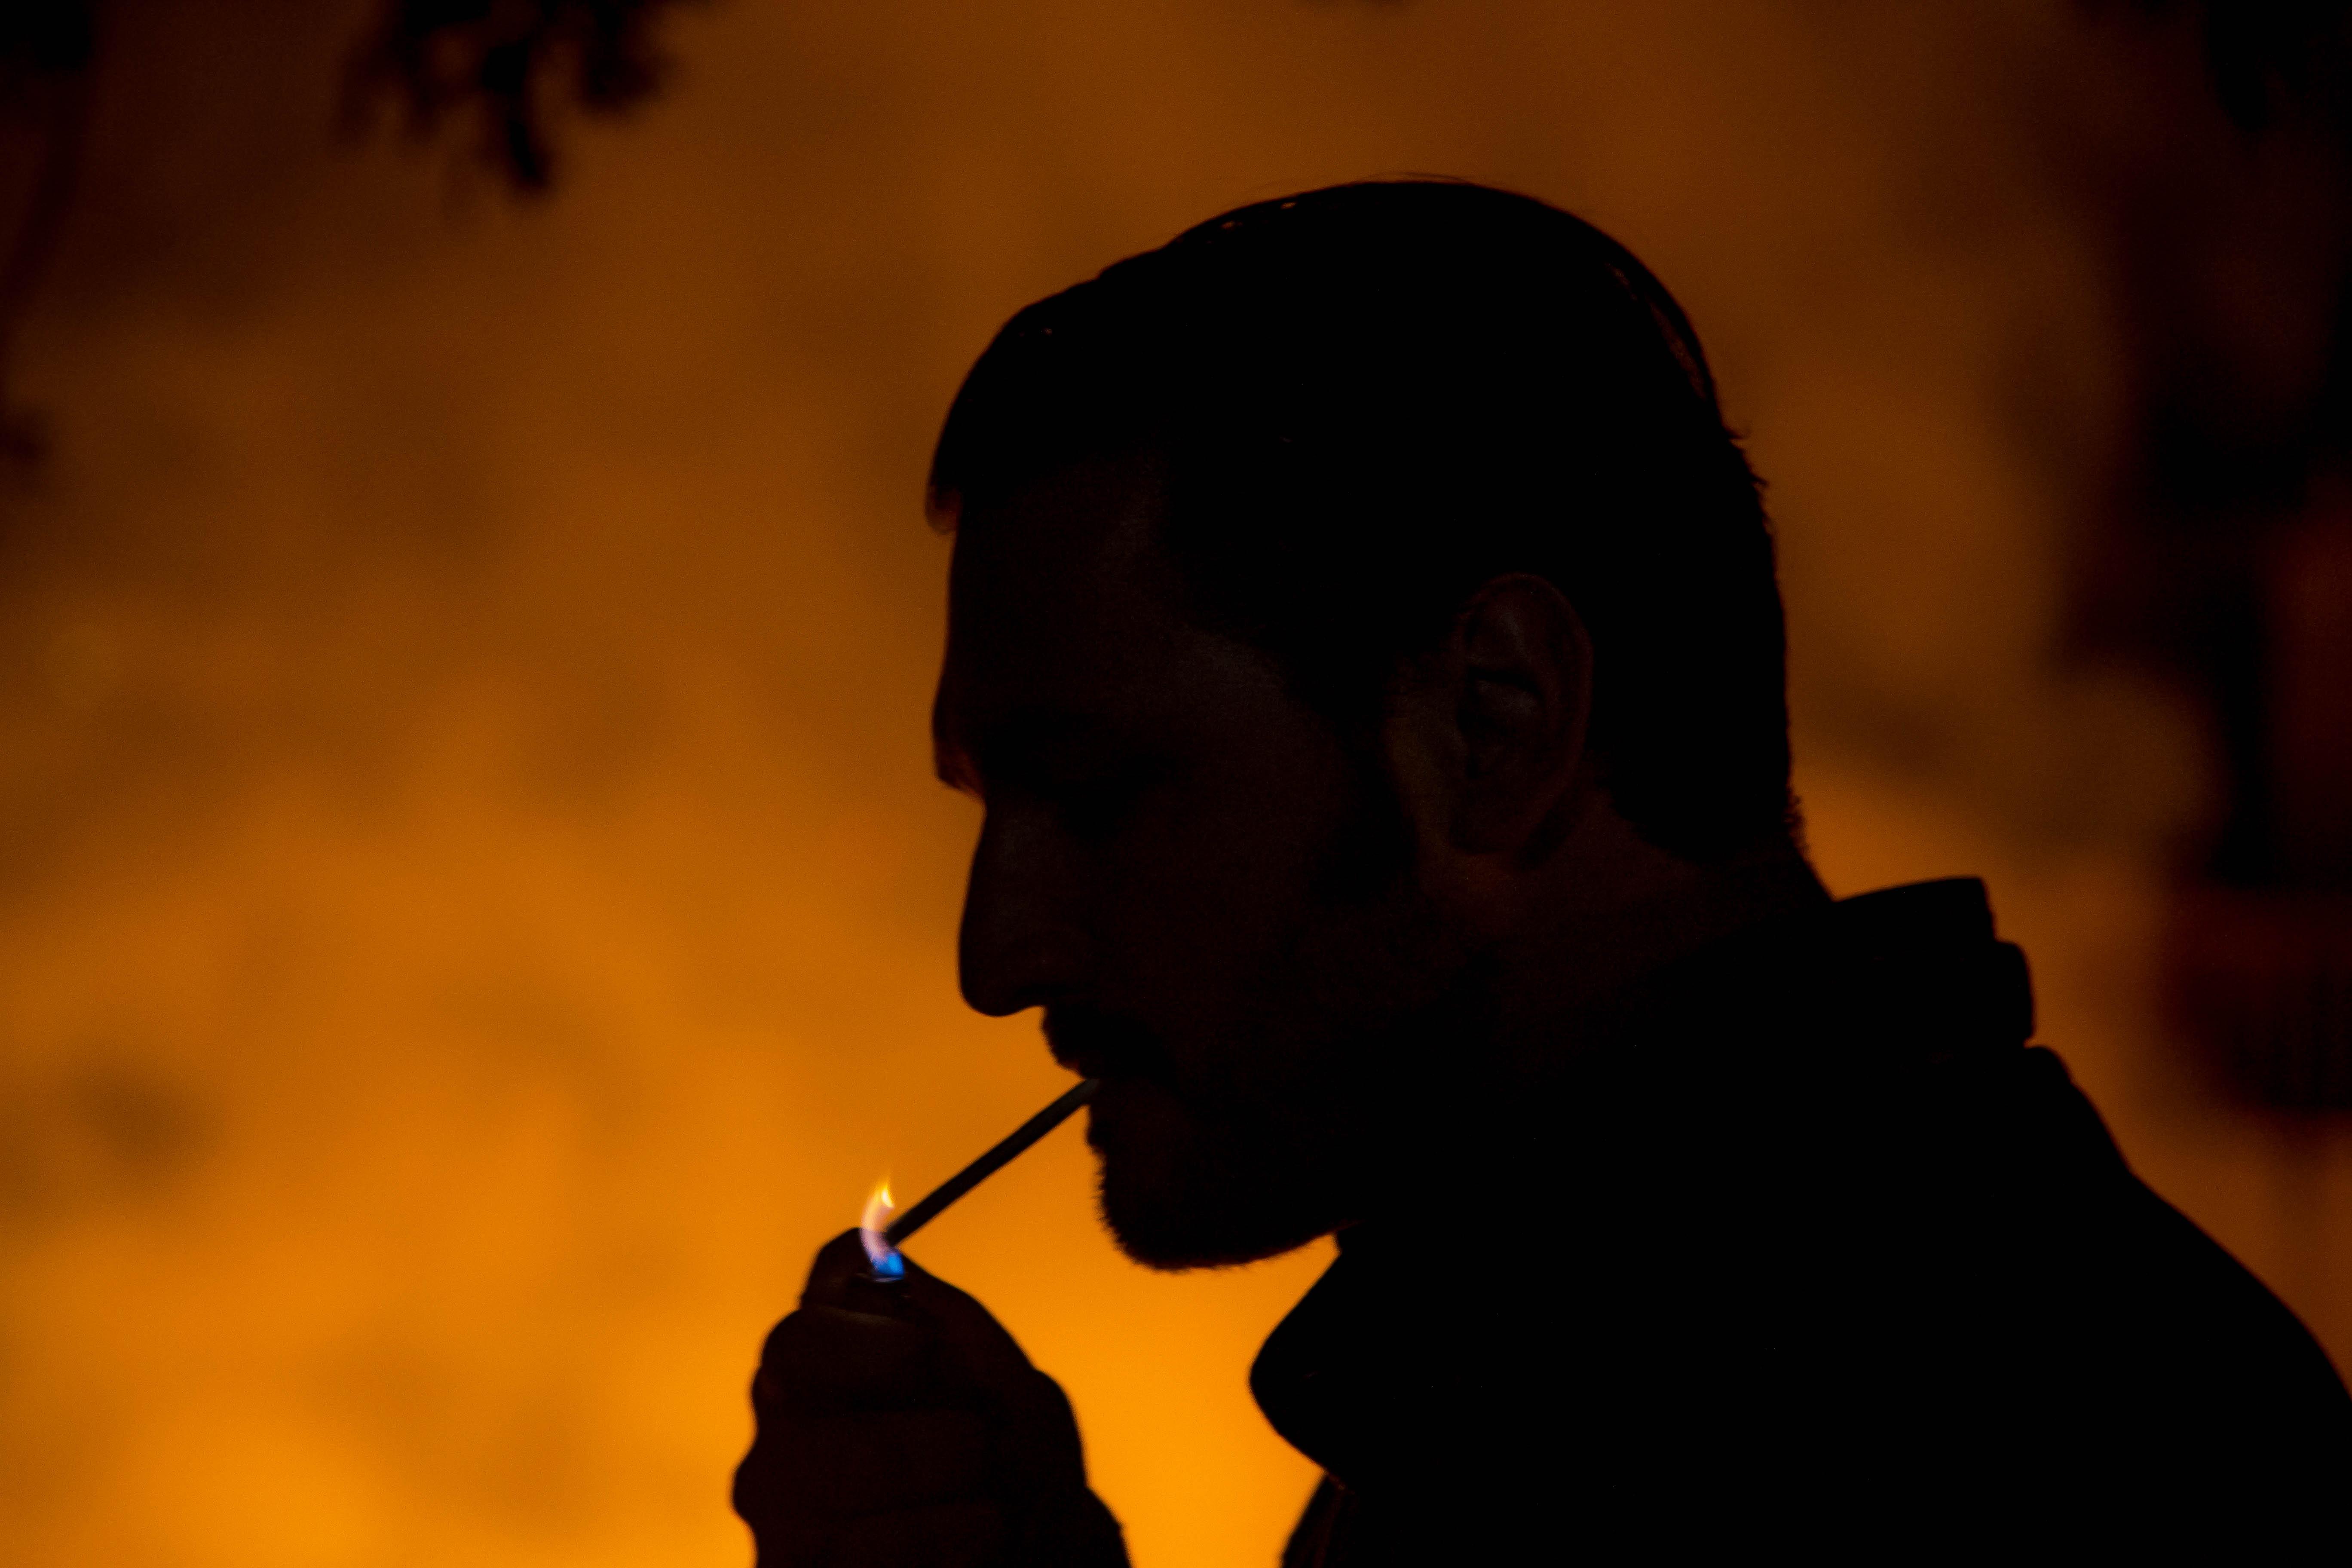 парень курит фото картинка статье